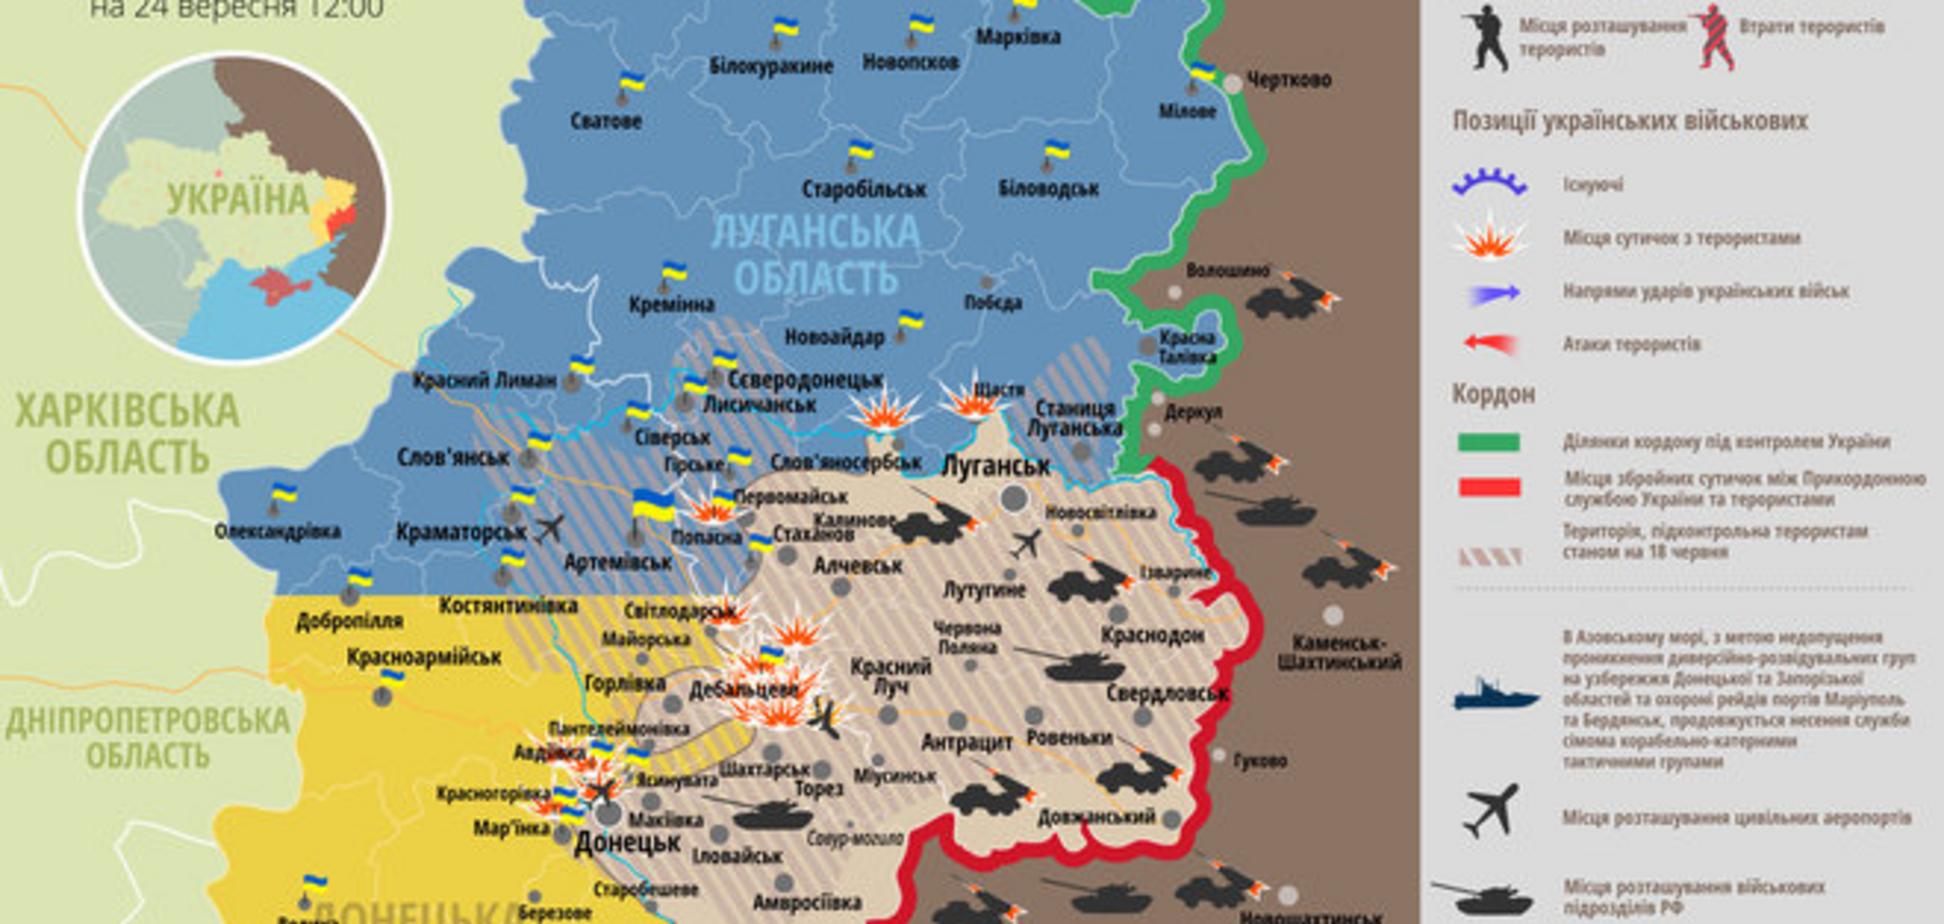 Терористи штурмують блокпости силовиків: мапа зони АТО